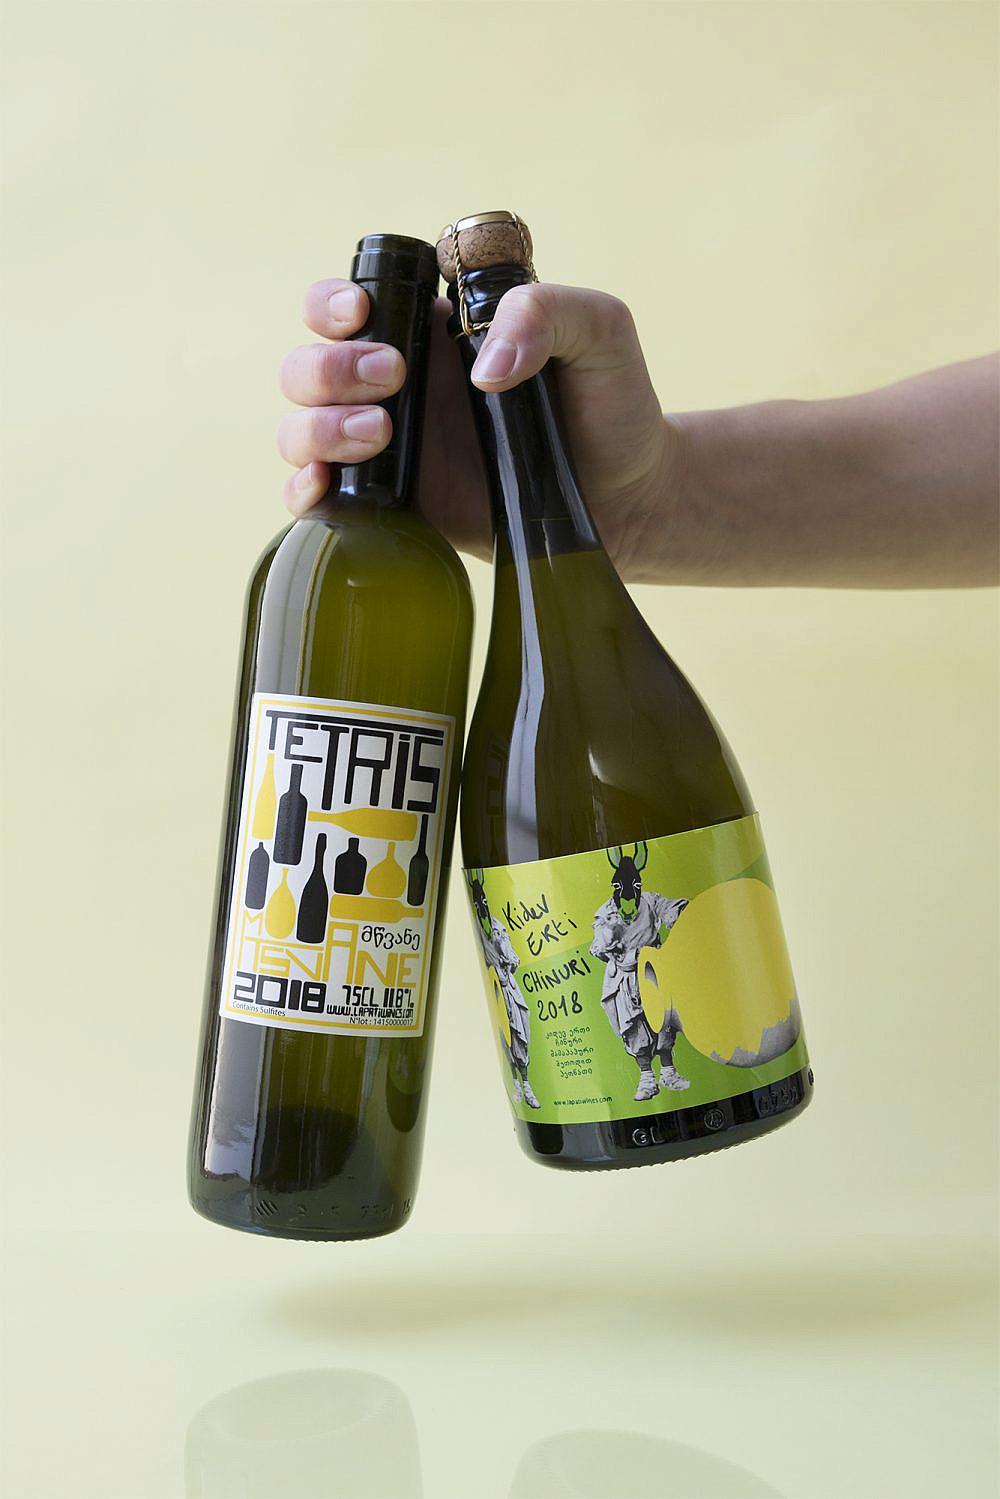 יינות שאינם תוצר של פס יצור יין טבעי של עסיס. צילום: מיכל לופט